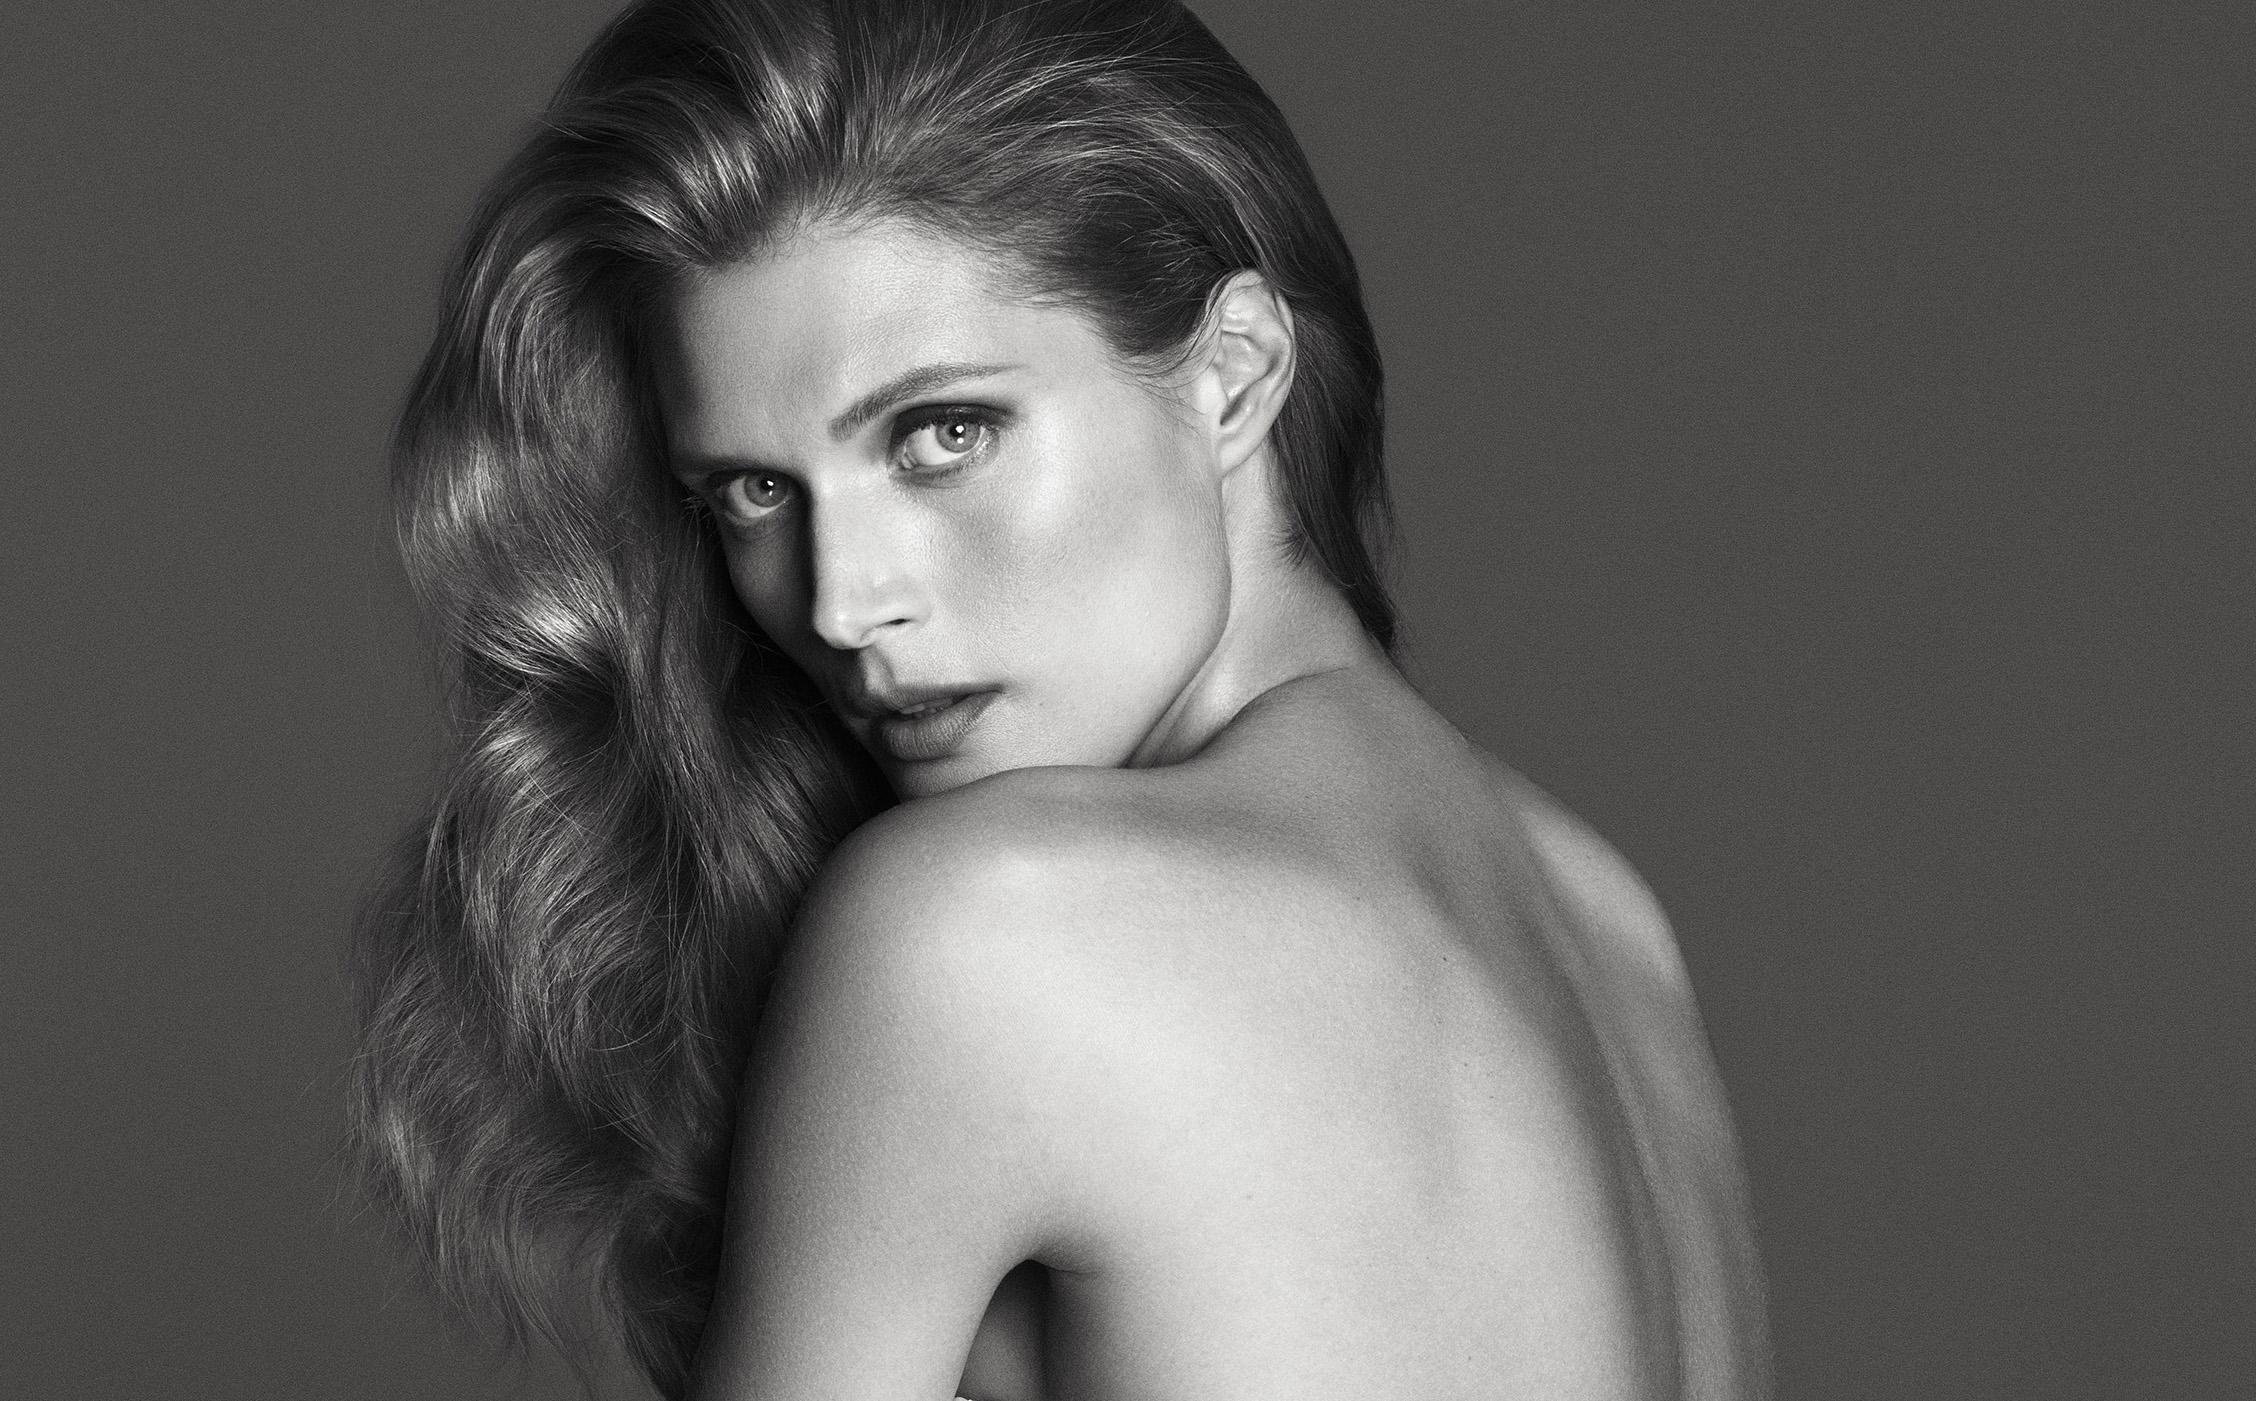 La mannequin Malgosia Bela pose en lingerie pour la marque italienne La Perla